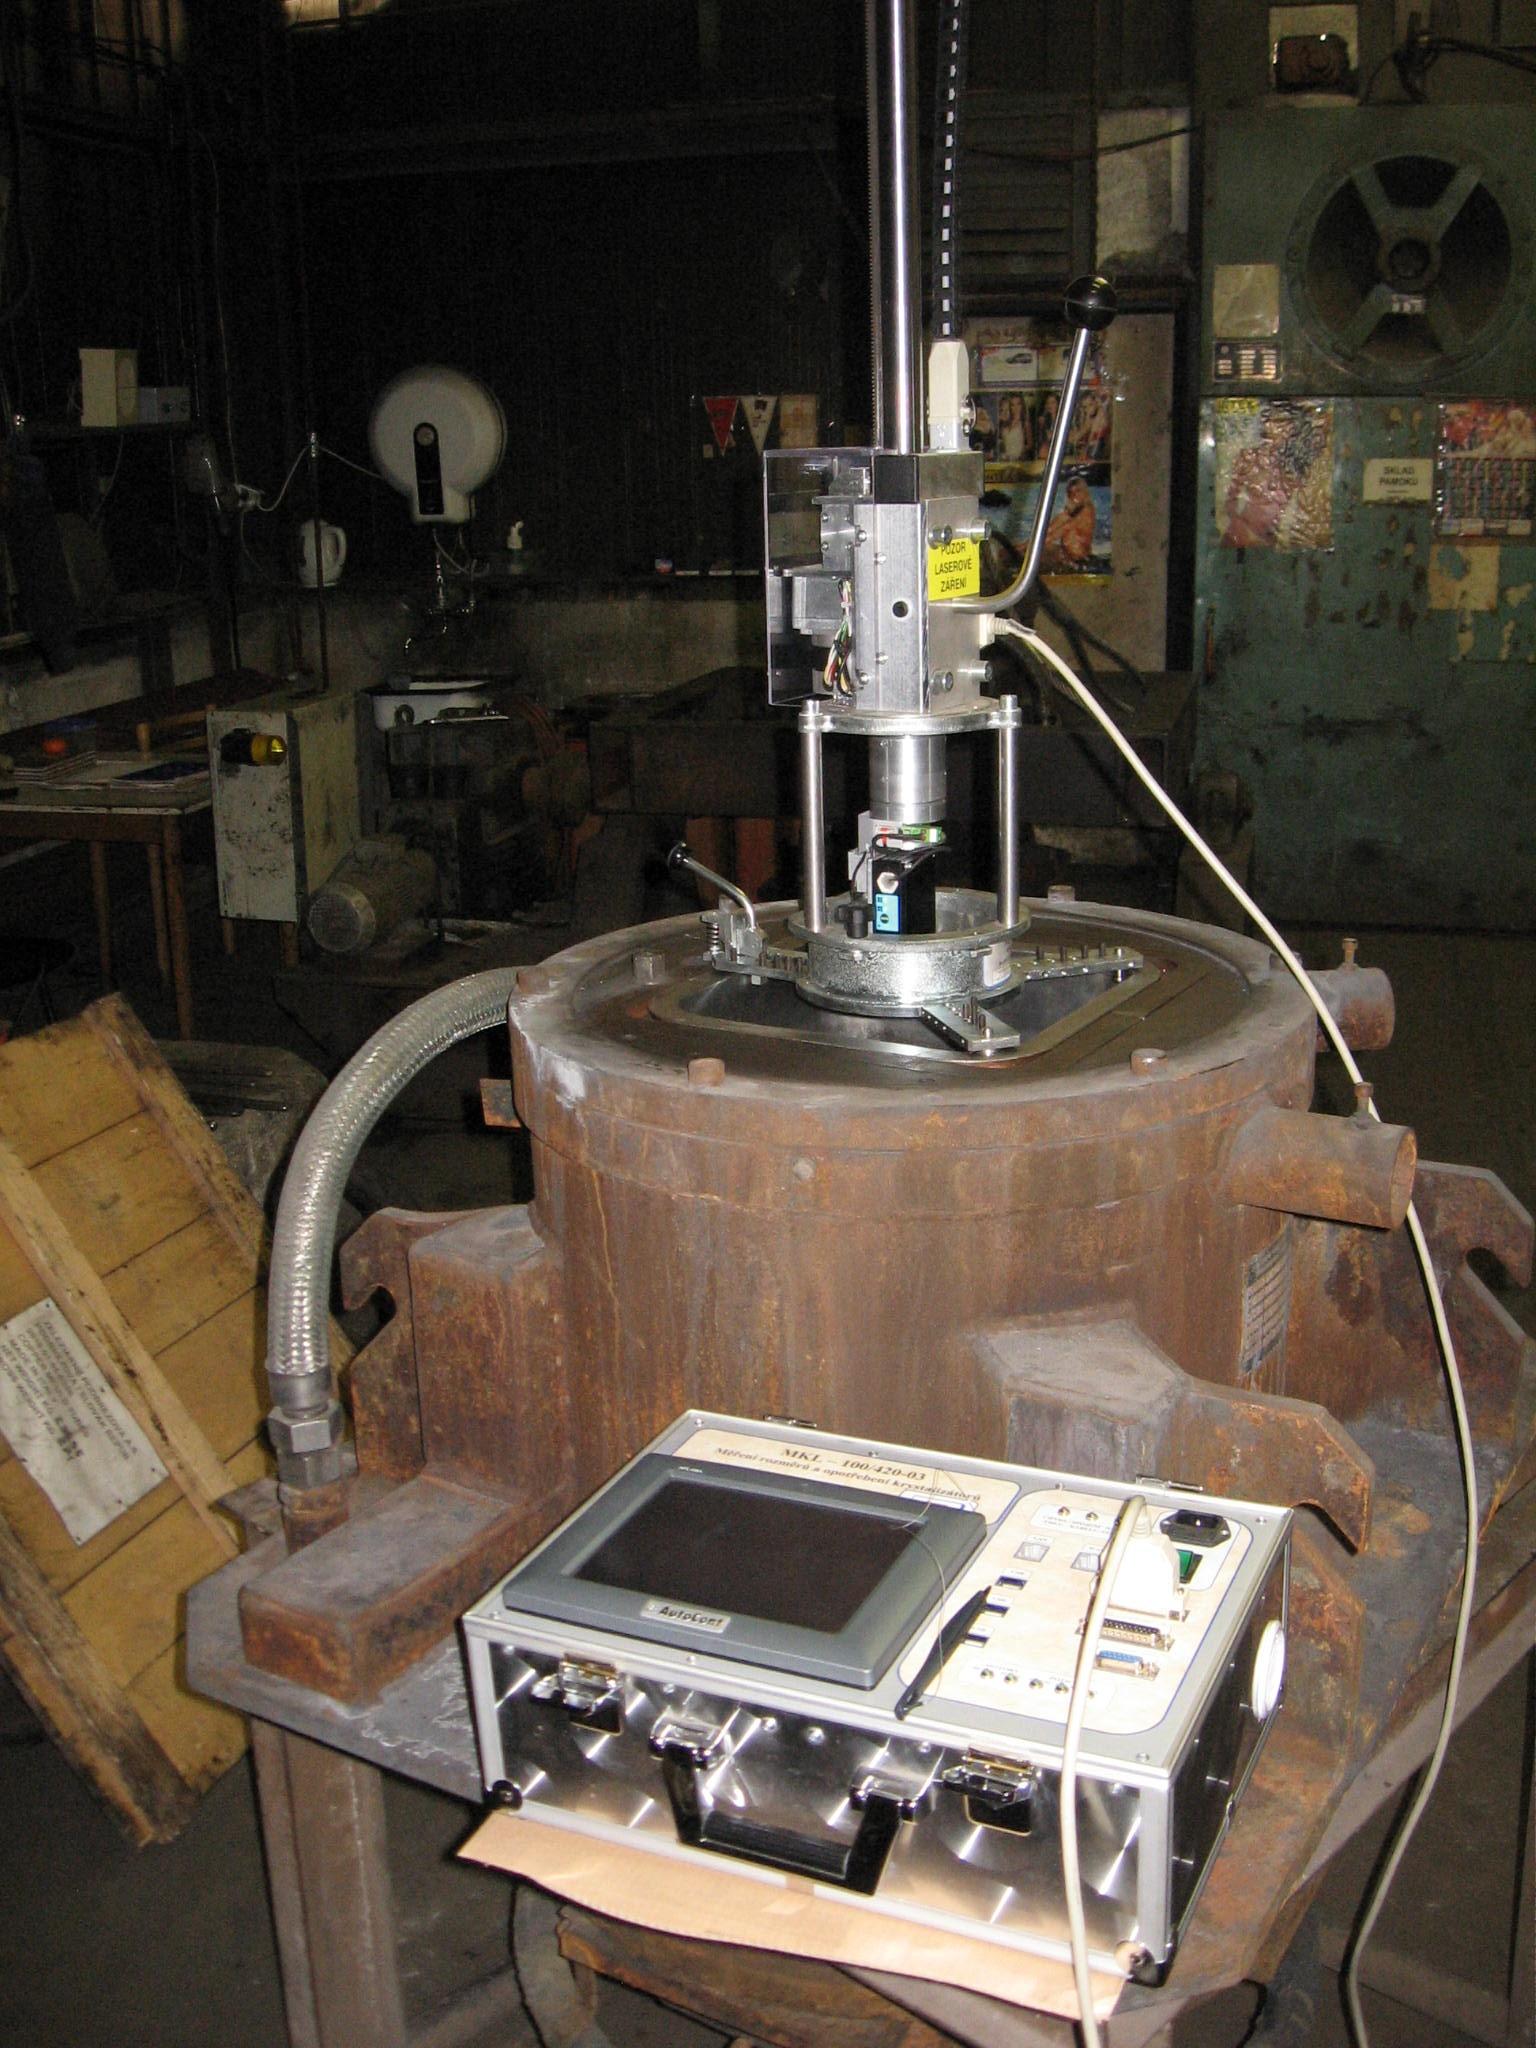 Systém MKL připravený k měření - - - The MKL system ready for measurement